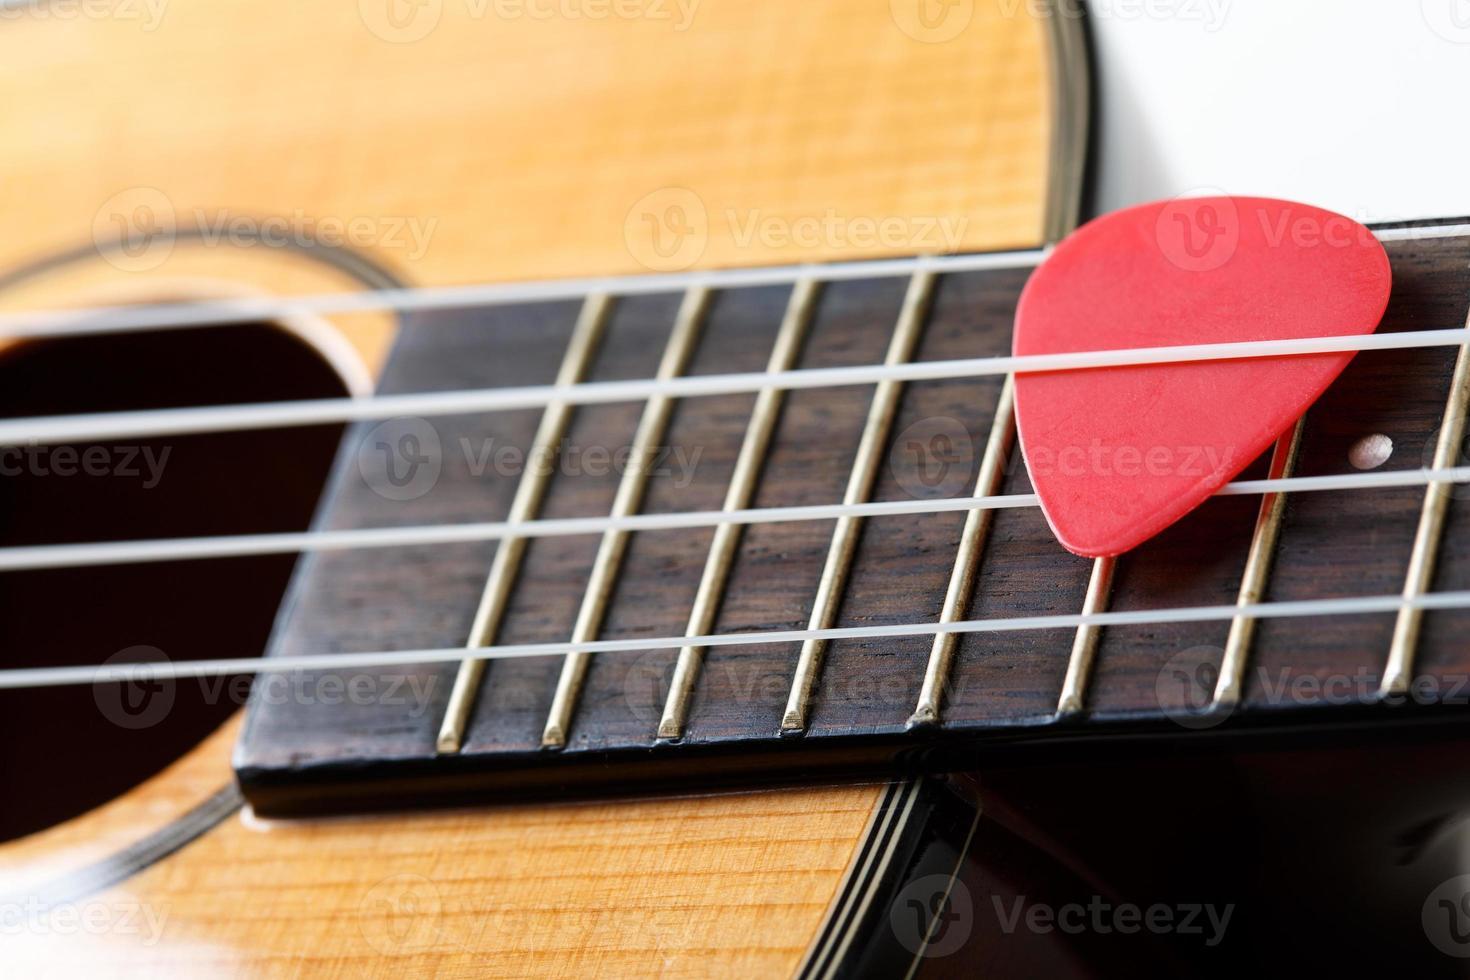 kleine Hawaiiaanse viersnarige ukelele gitaar foto